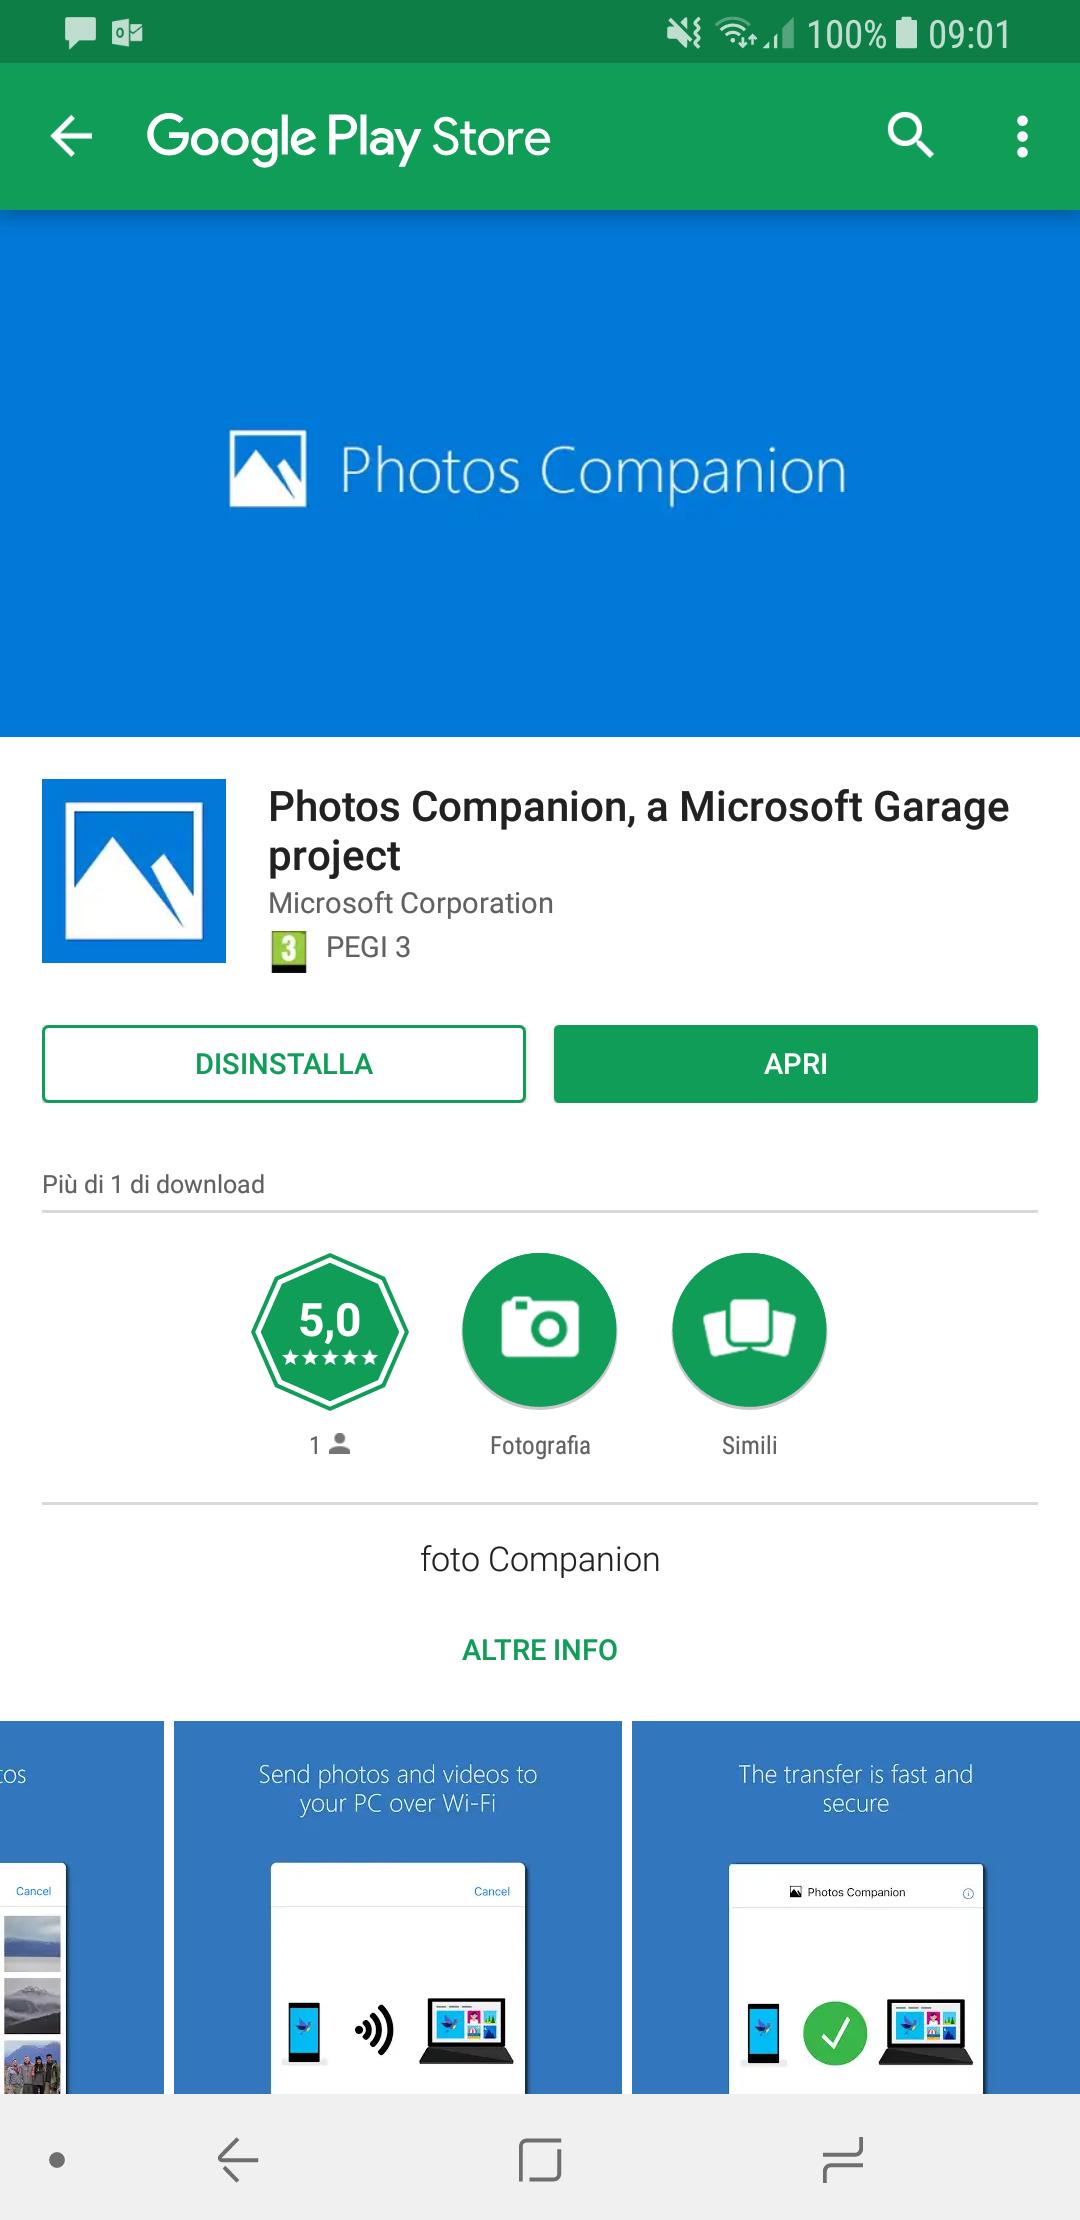 photos companion l 39 app microsoft per trasferire foto e video da android e ios. Black Bedroom Furniture Sets. Home Design Ideas